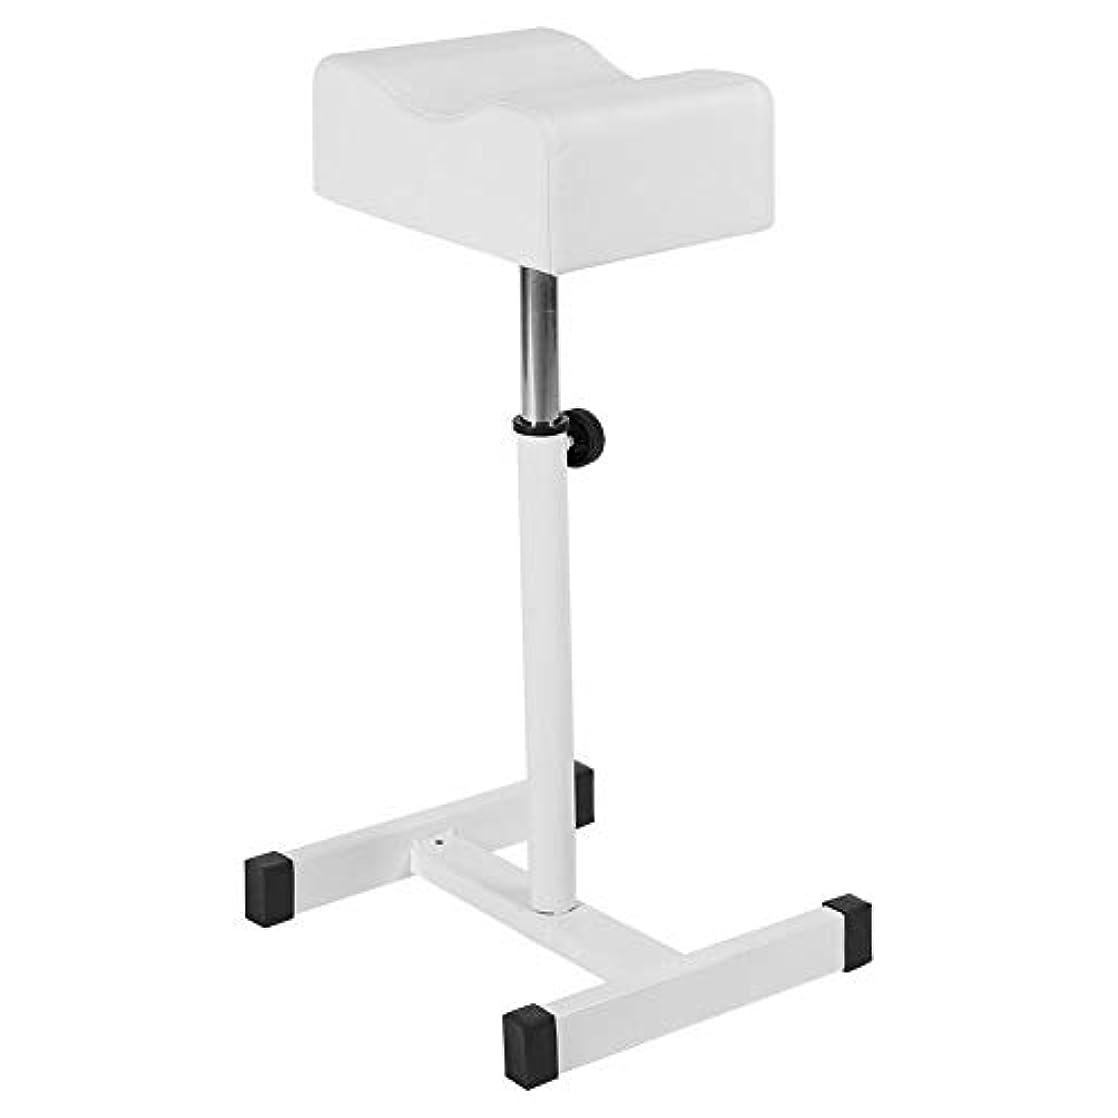 叫び声印象派順応性のあるサロンスツール白、高さ調節可能な化粧品椅子スパスツールスパスイベルホームショップの快適なシートクッションスツールホワイト